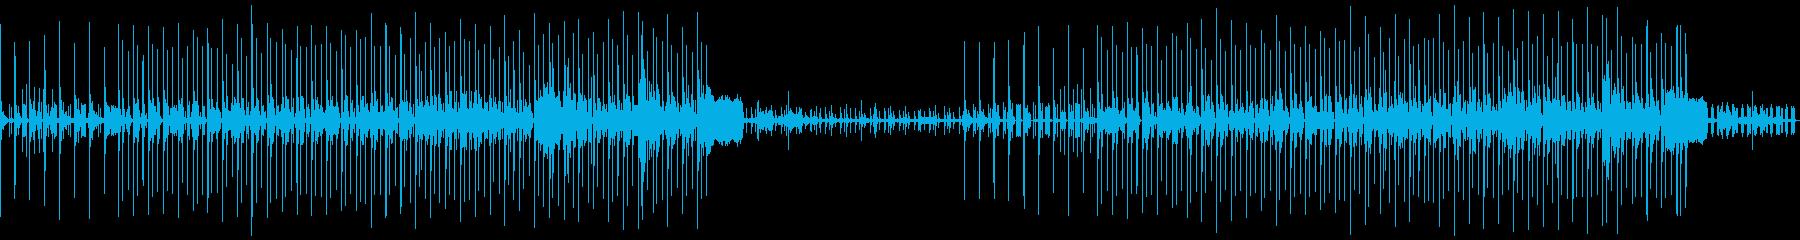 オープニング感、可愛らしい大人しめ電子音の再生済みの波形